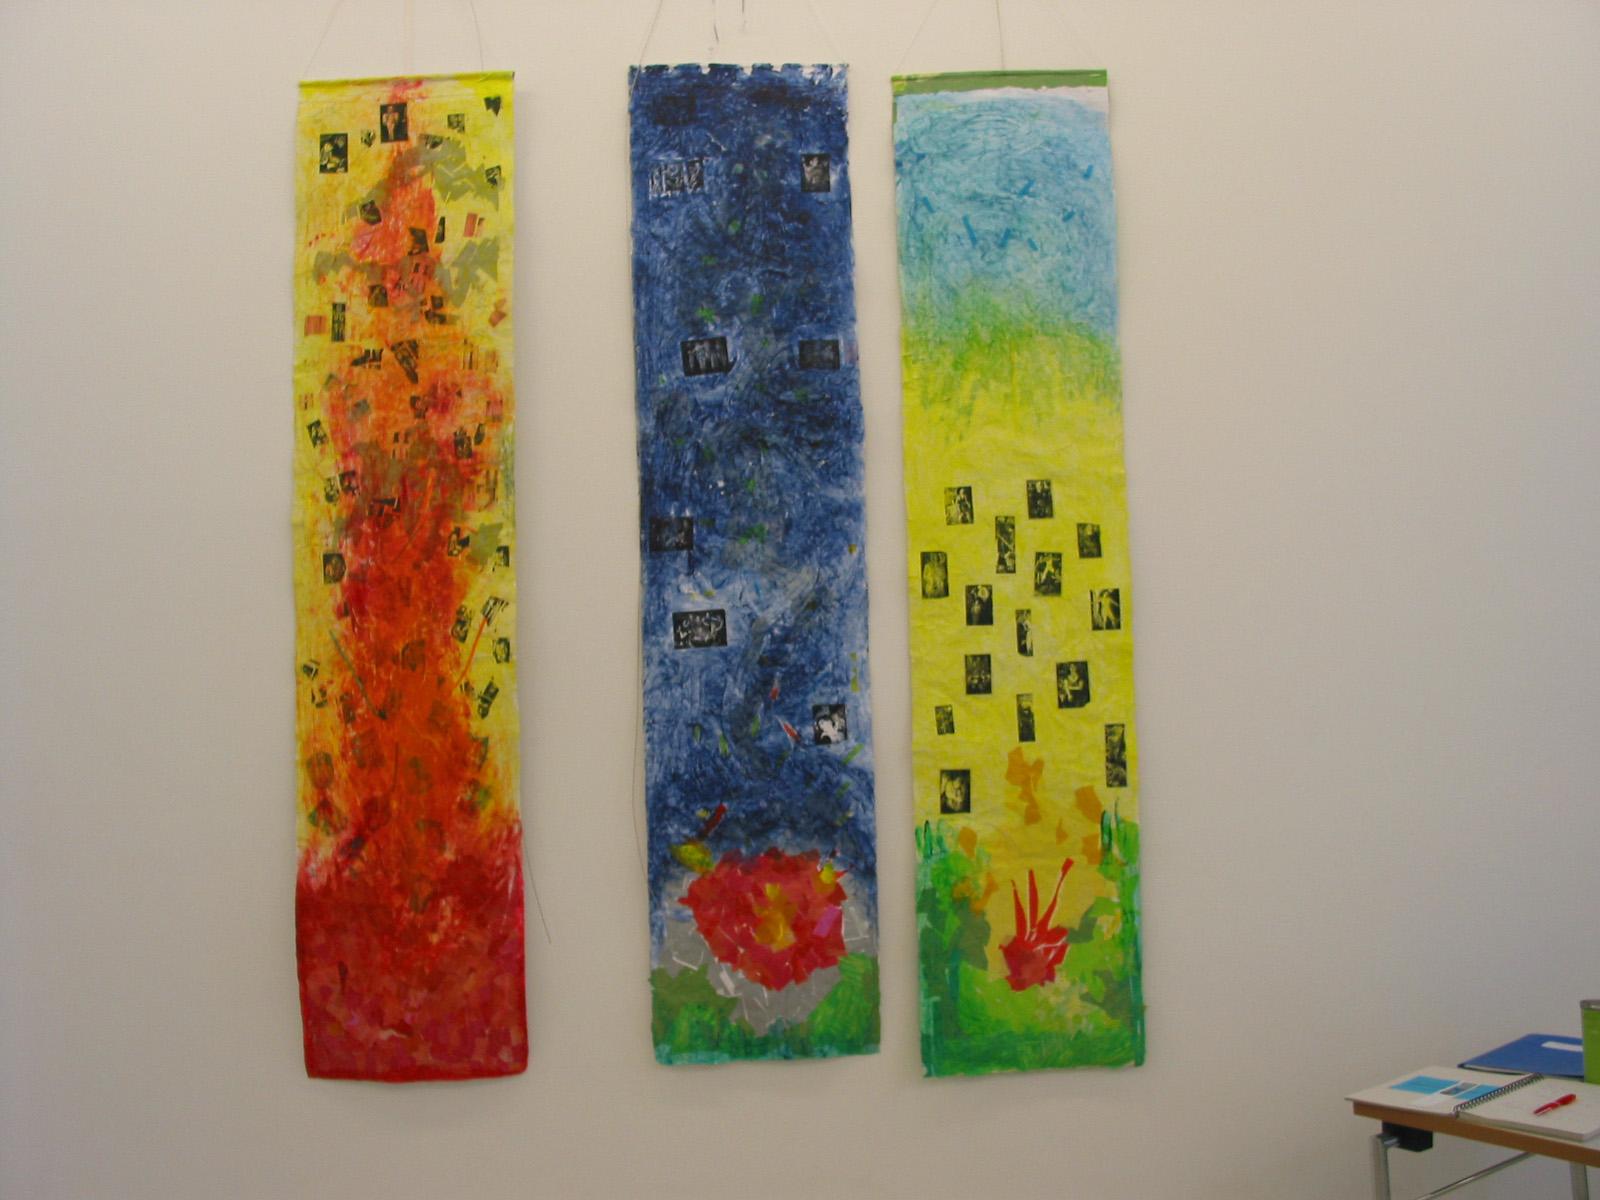 Ausstellung »Frauen in Veränderung - Wege aus der Gewalt« 2